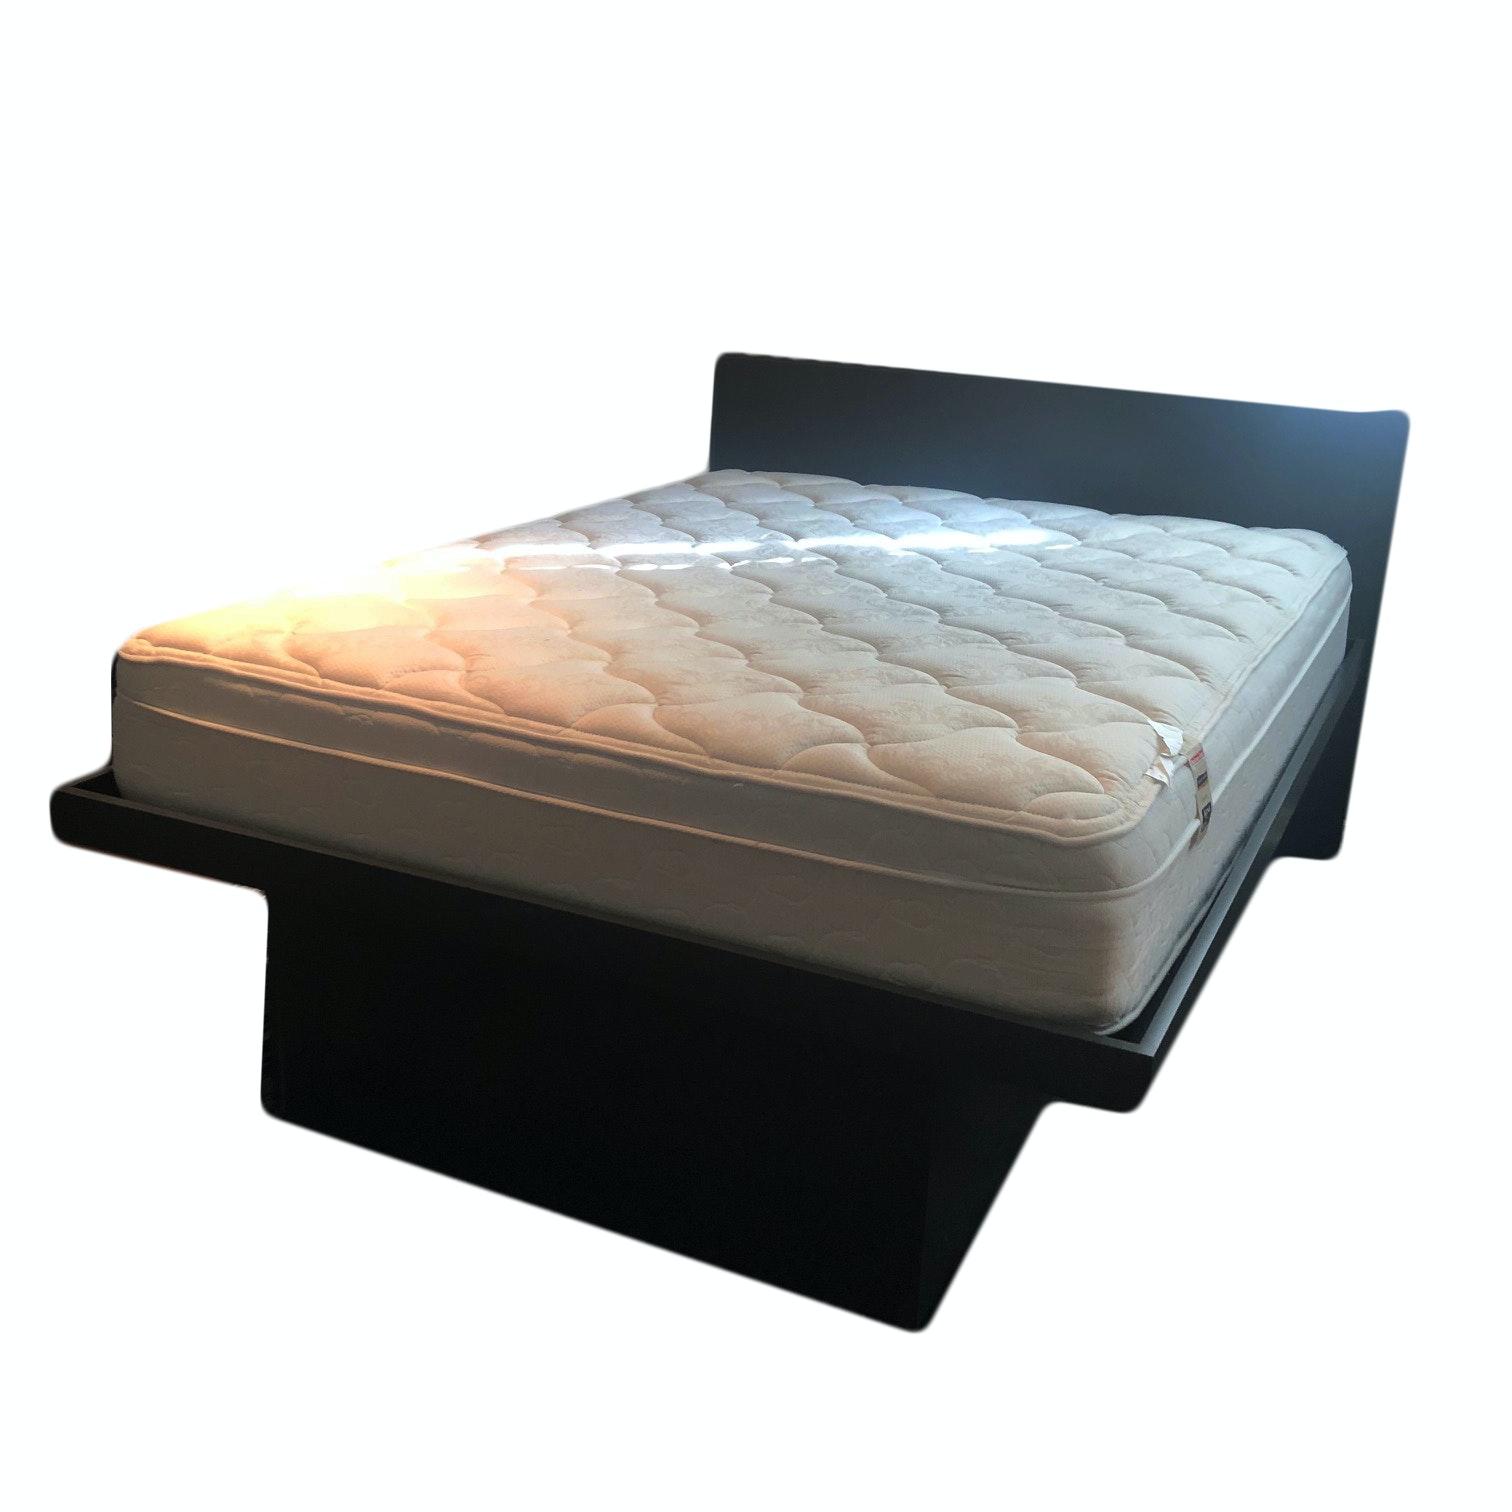 Queen Size Platform Storage Bed Frame, 20th Century